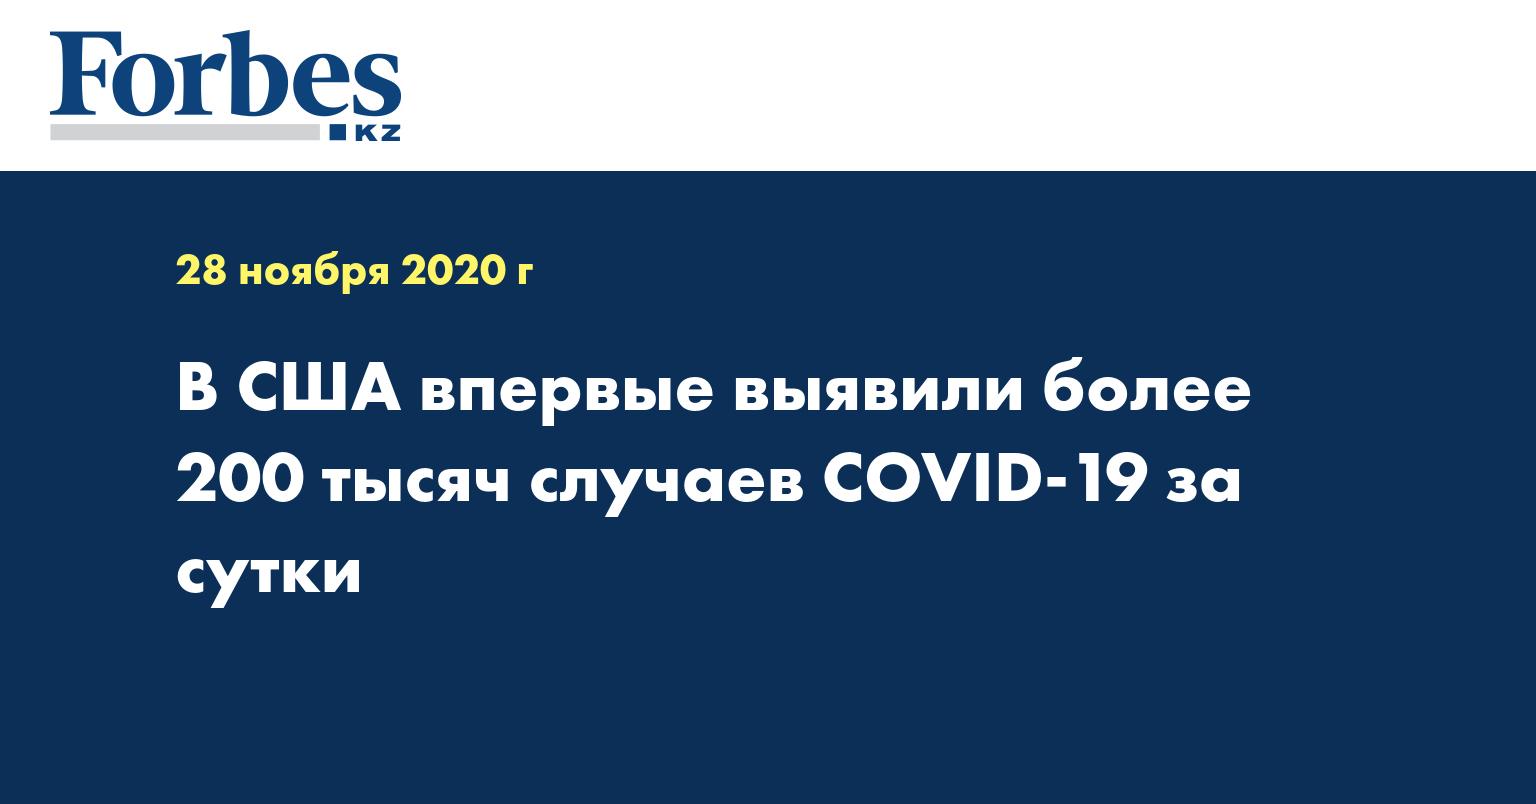 В США впервые выявили более 200 тысяч случаев COVID-19 за сутки